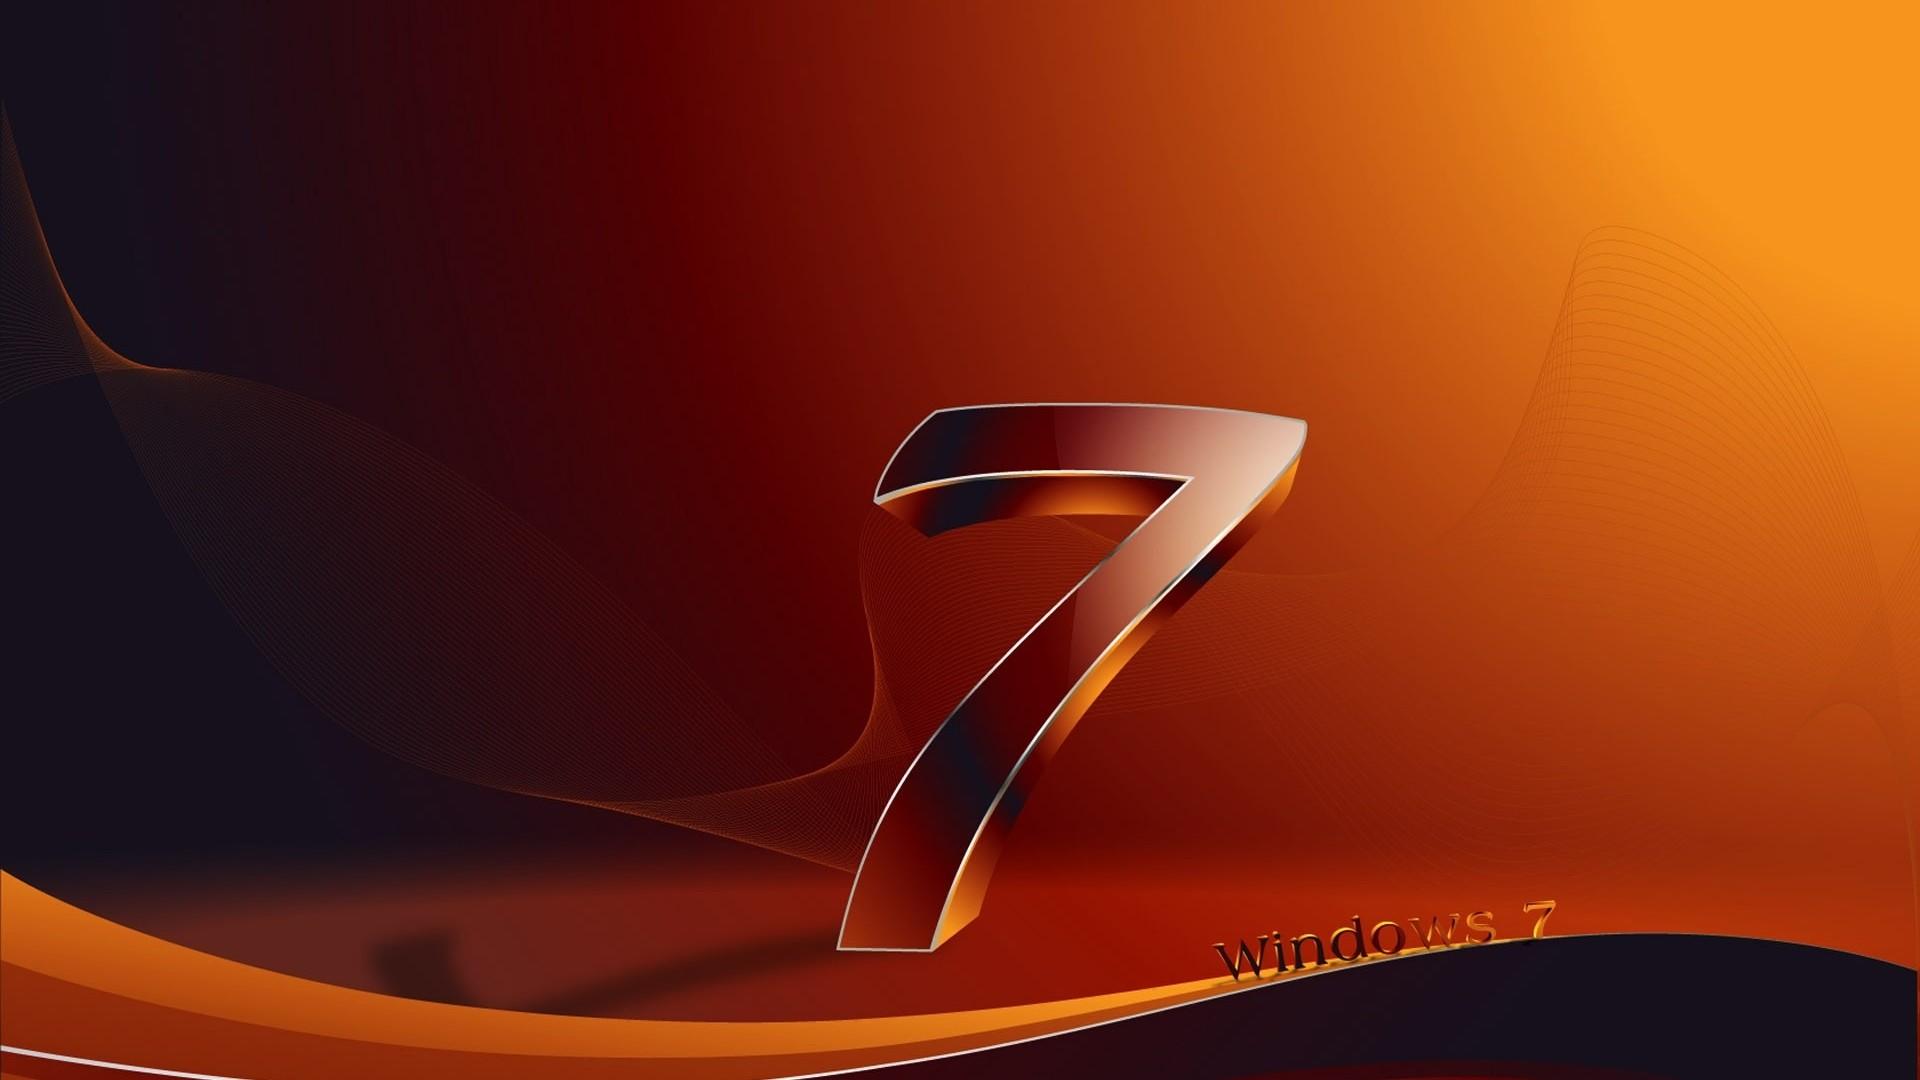 Wallpaper windows 7, os, orange, black